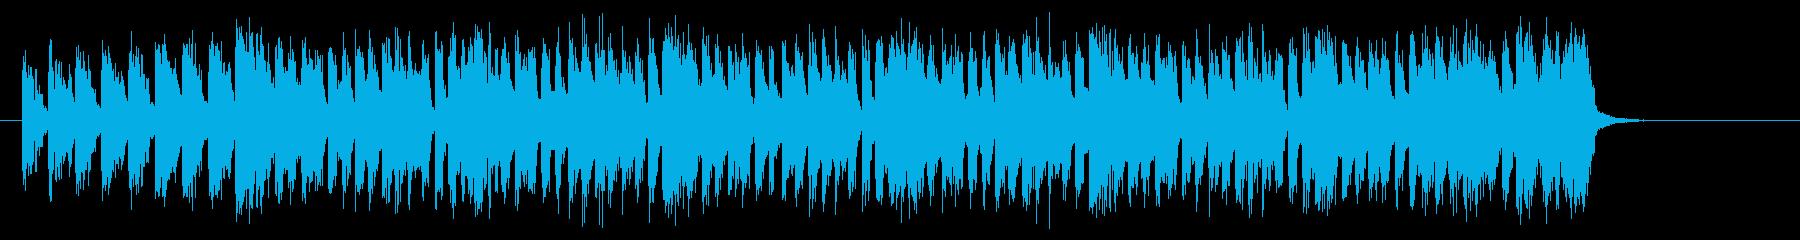 元気で楽しいアップテンポなシンセジングルの再生済みの波形